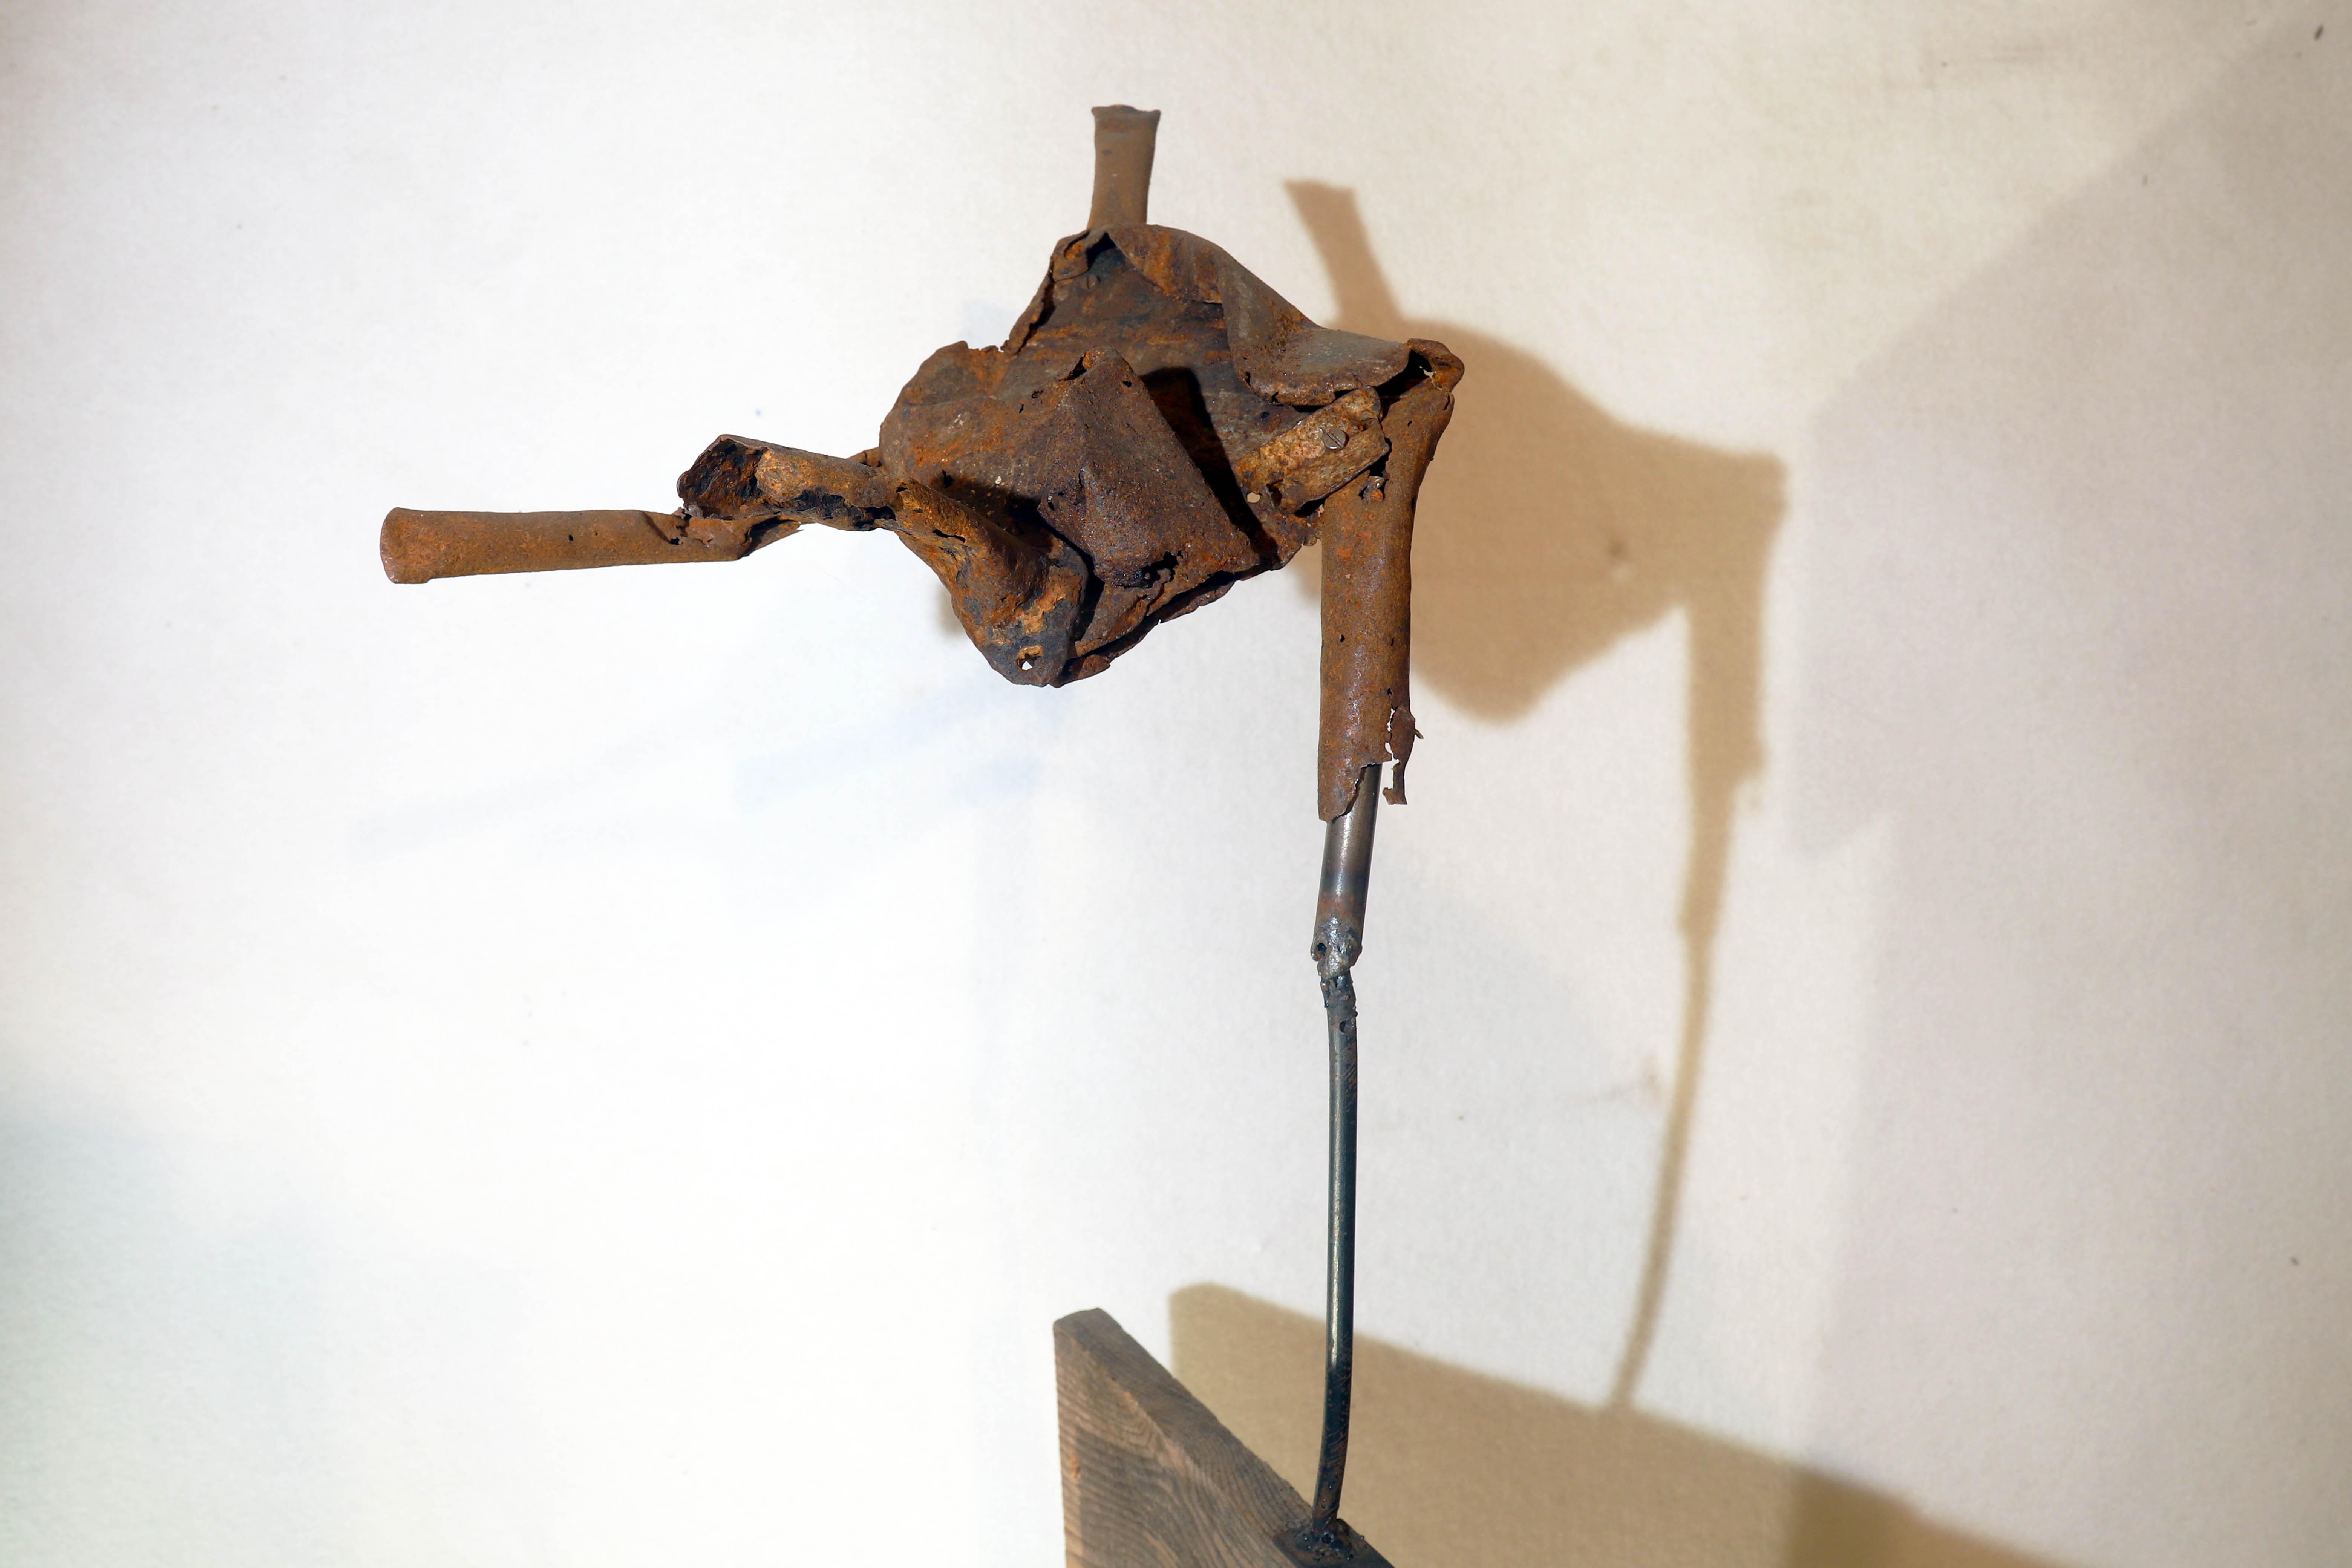 Antonio Panzuto - sculture Ruggini - Figura danzante 11 - Rusty sculpture Dancing figure